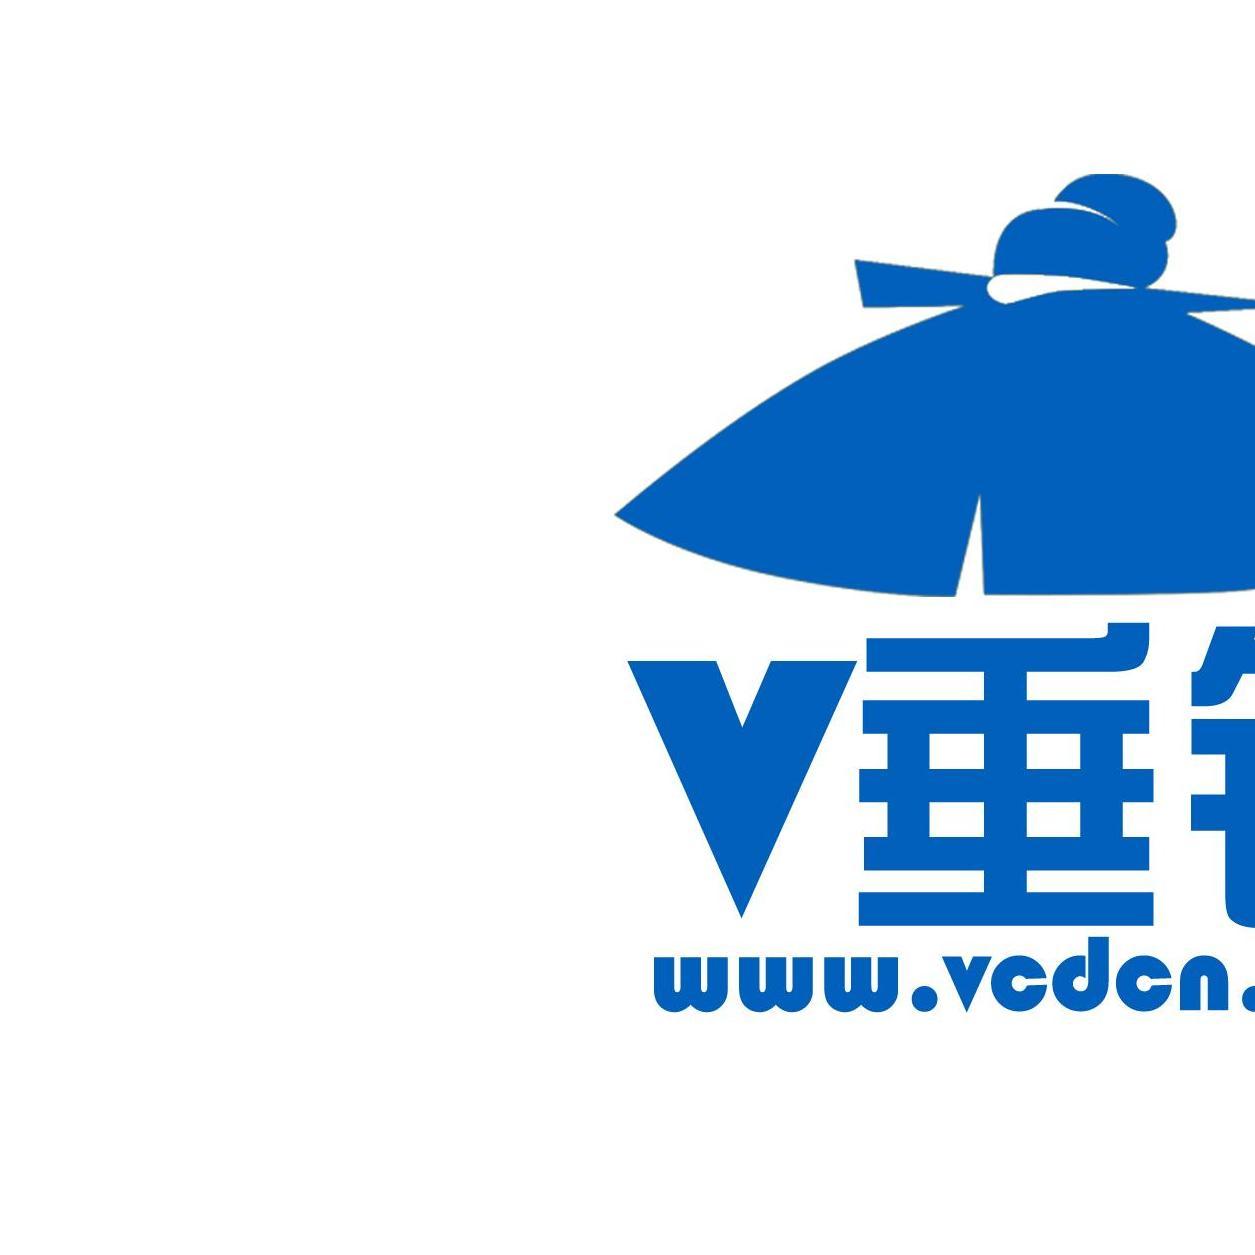 logo logo 标志 设计 矢量 矢量图 素材 图标 1255_1255